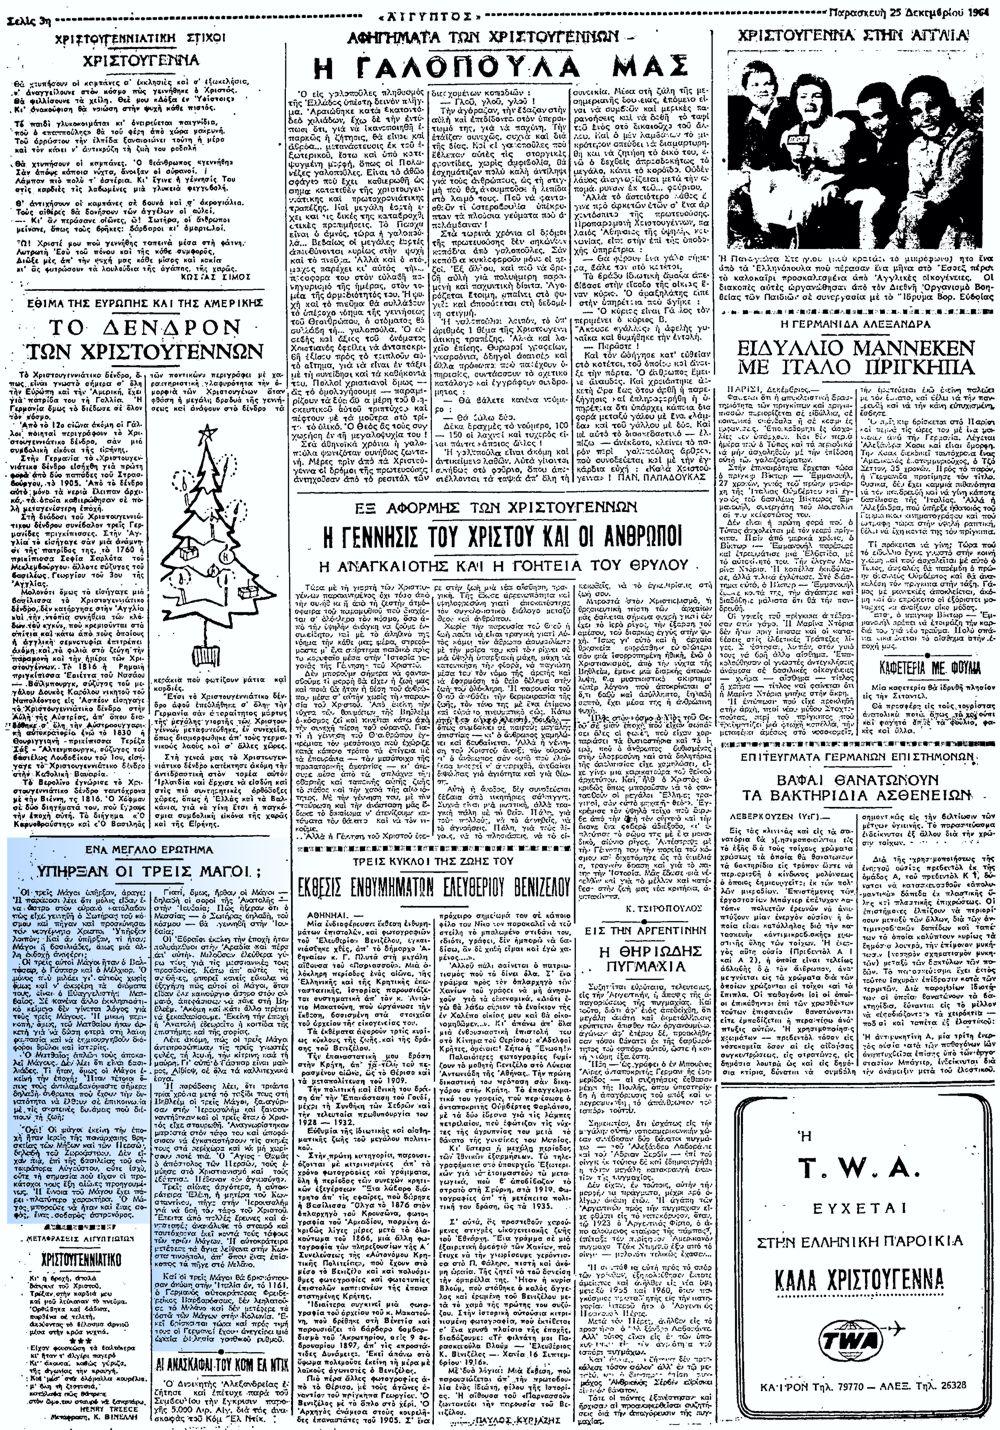 """Το άρθρο, όπως δημοσιεύθηκε στην εφημερίδα """"ΤΑΧΥΔΡΟΜΟΣ"""", στις 25/12/1964"""